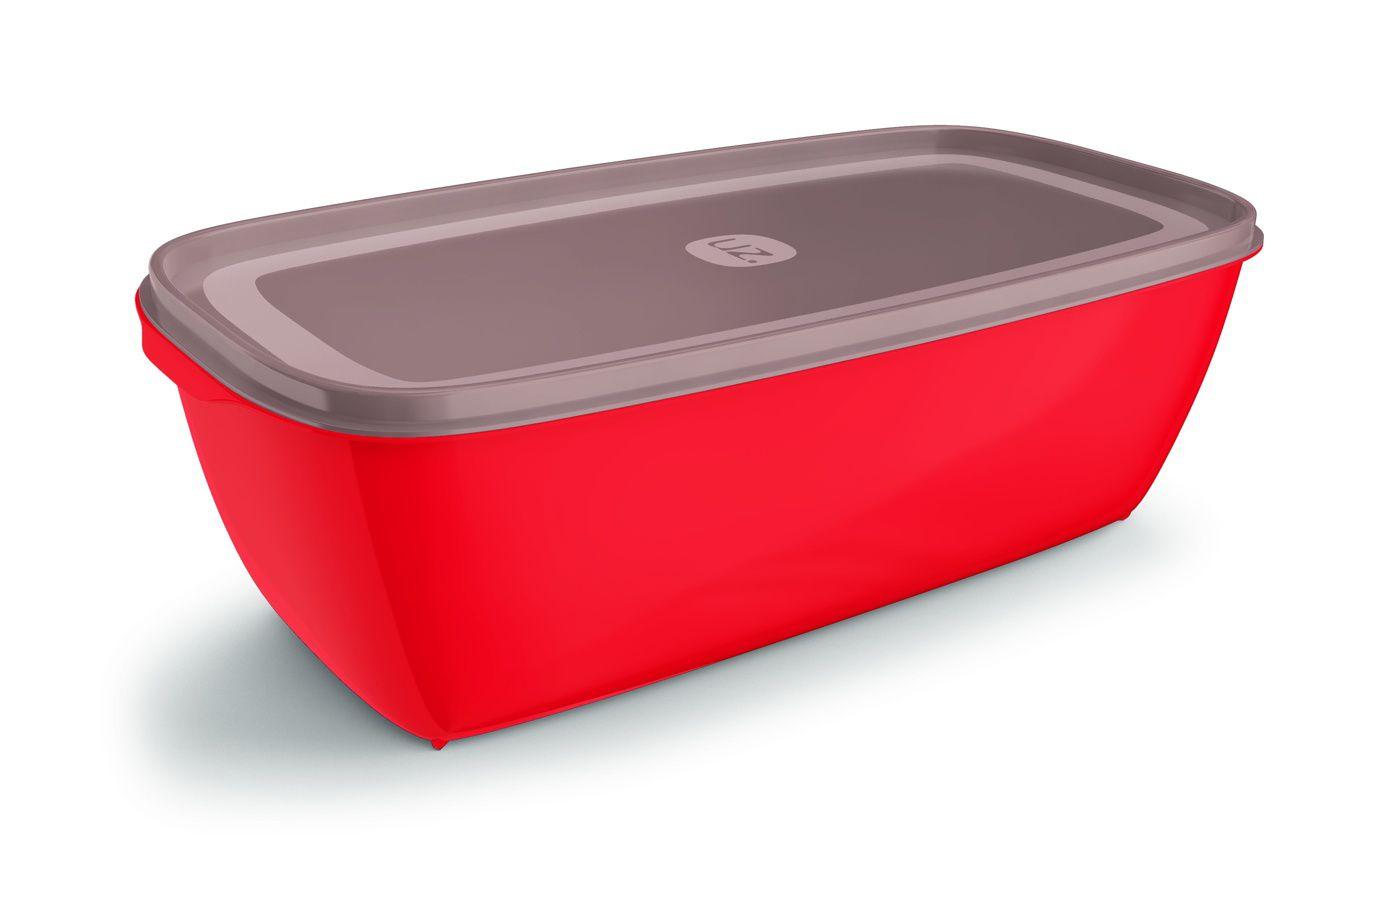 Pote Plástico Retangular 5,0 L Premium Vermelho